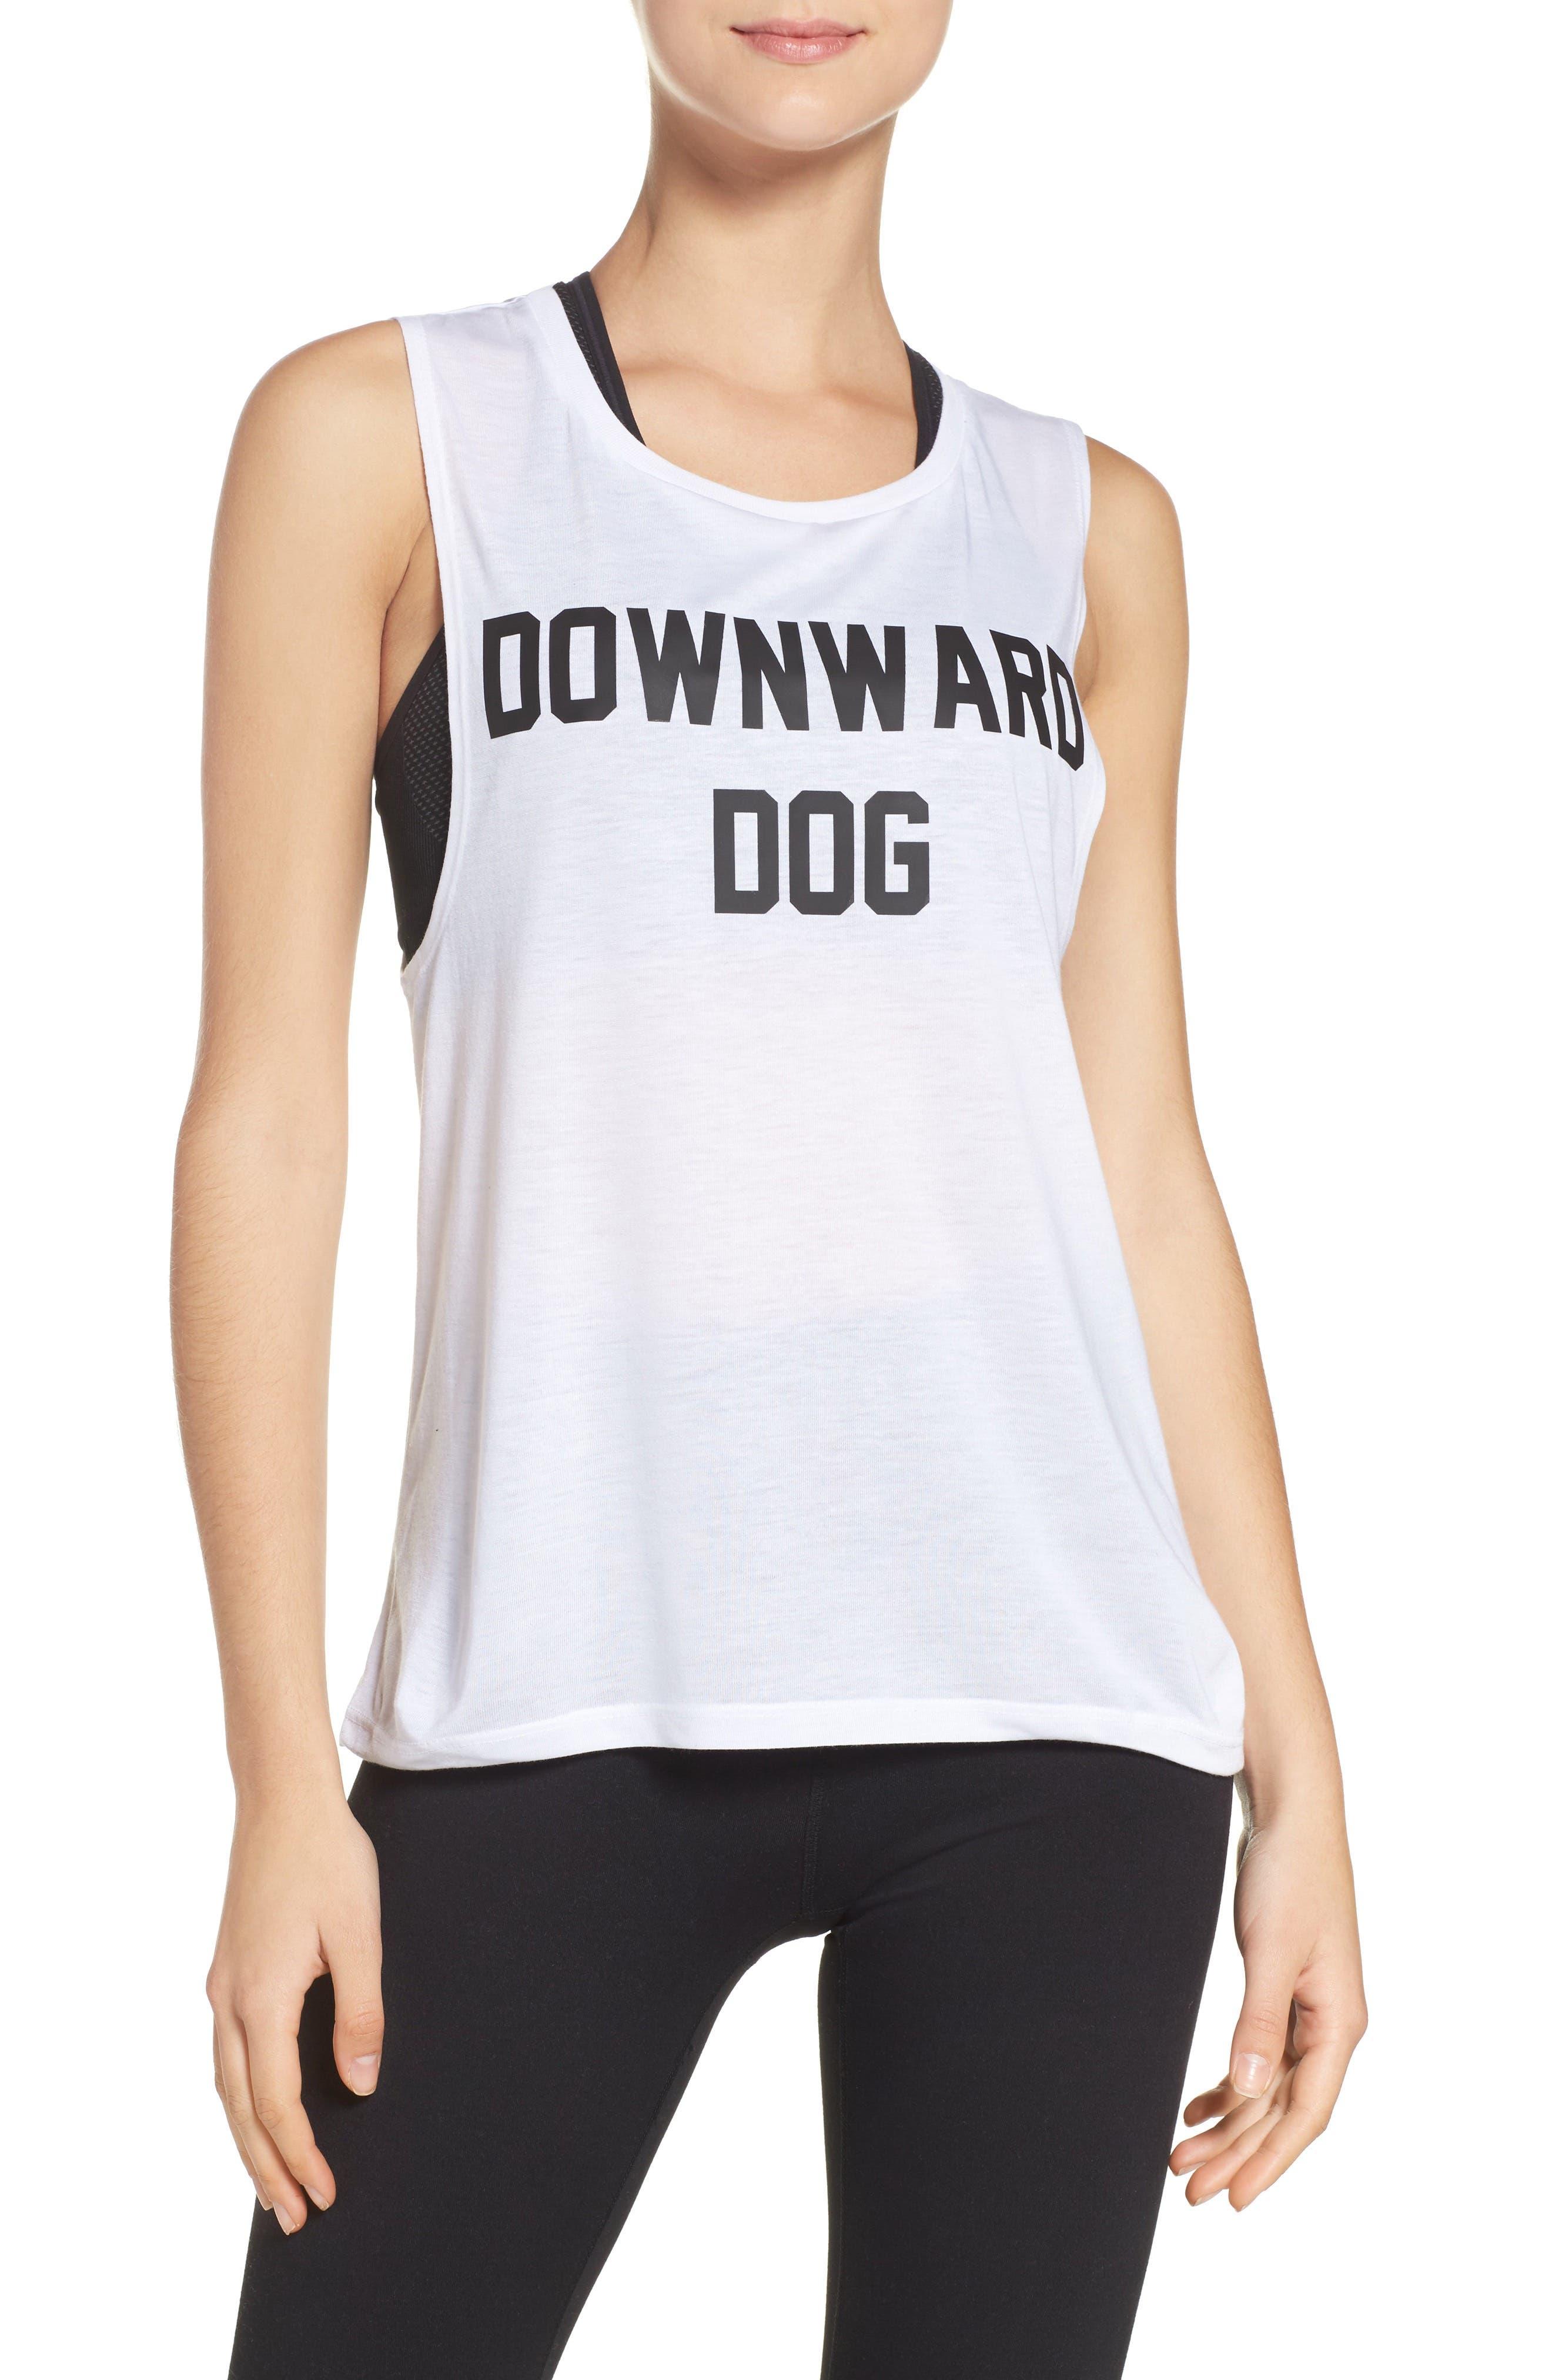 Downward Dog Tank,                             Main thumbnail 1, color,